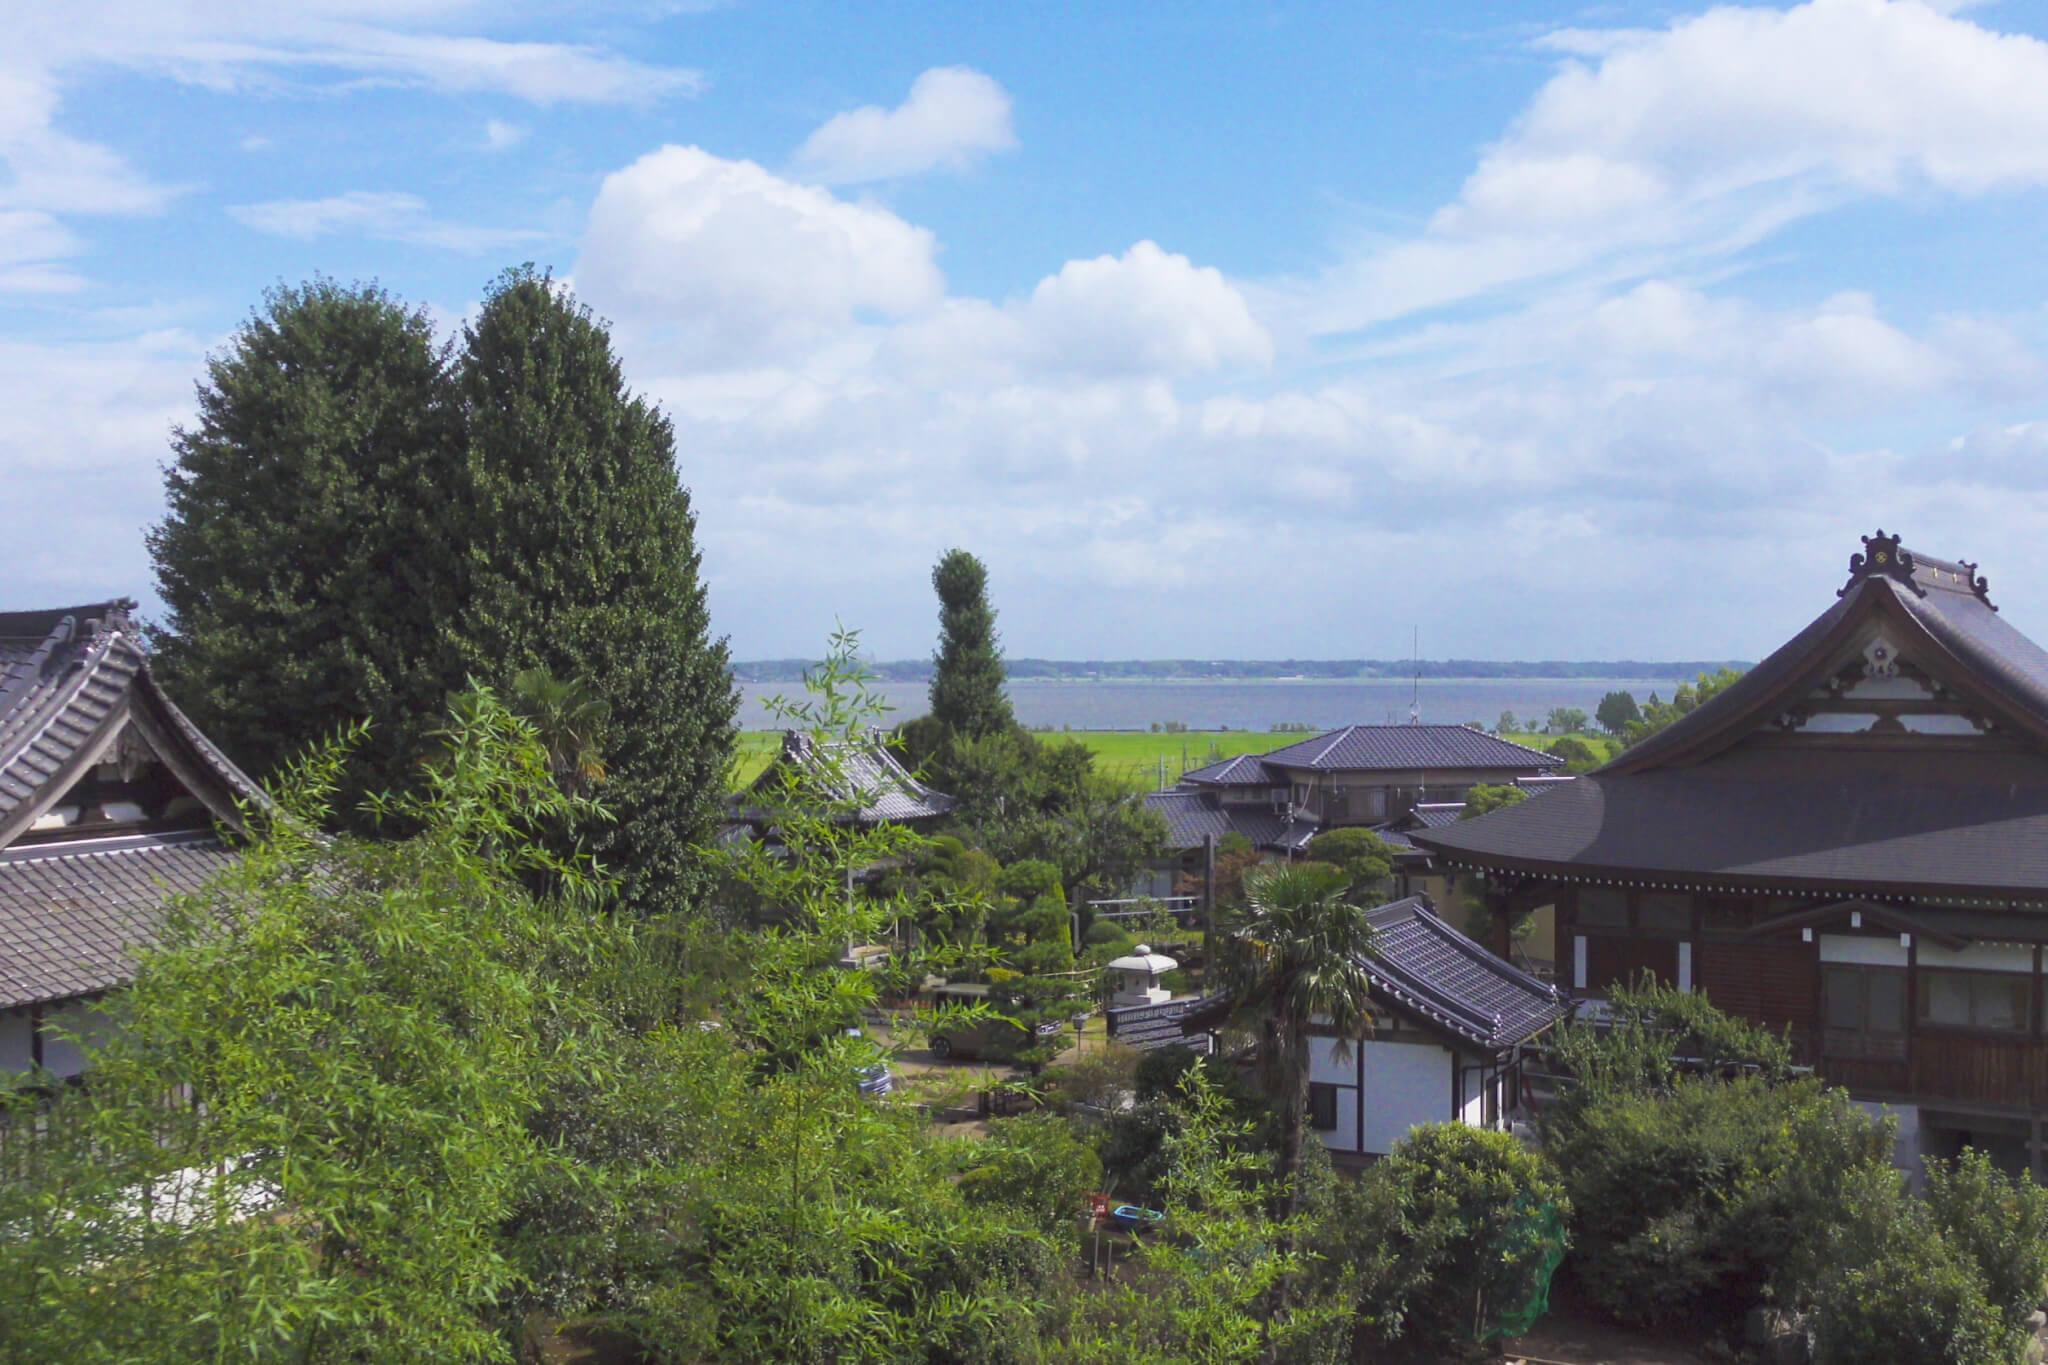 満徳寺(阿見町)の墓地から霞ヶ浦を眺める